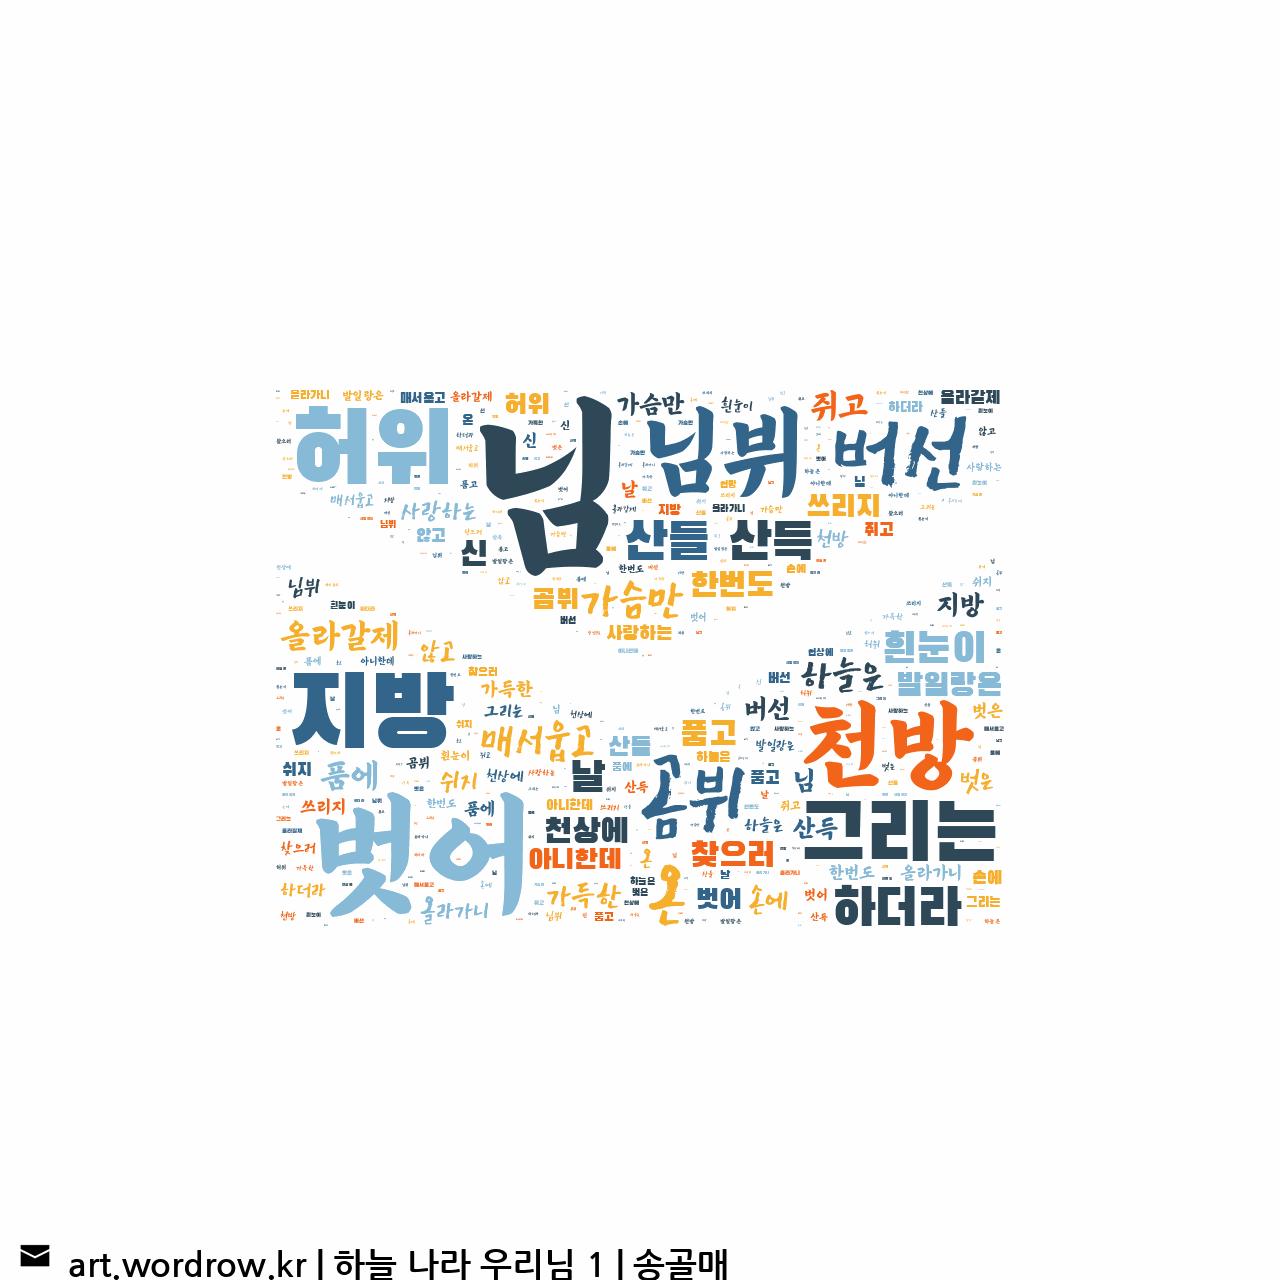 워드 아트: 하늘 나라 우리님 1 [송골매]-24